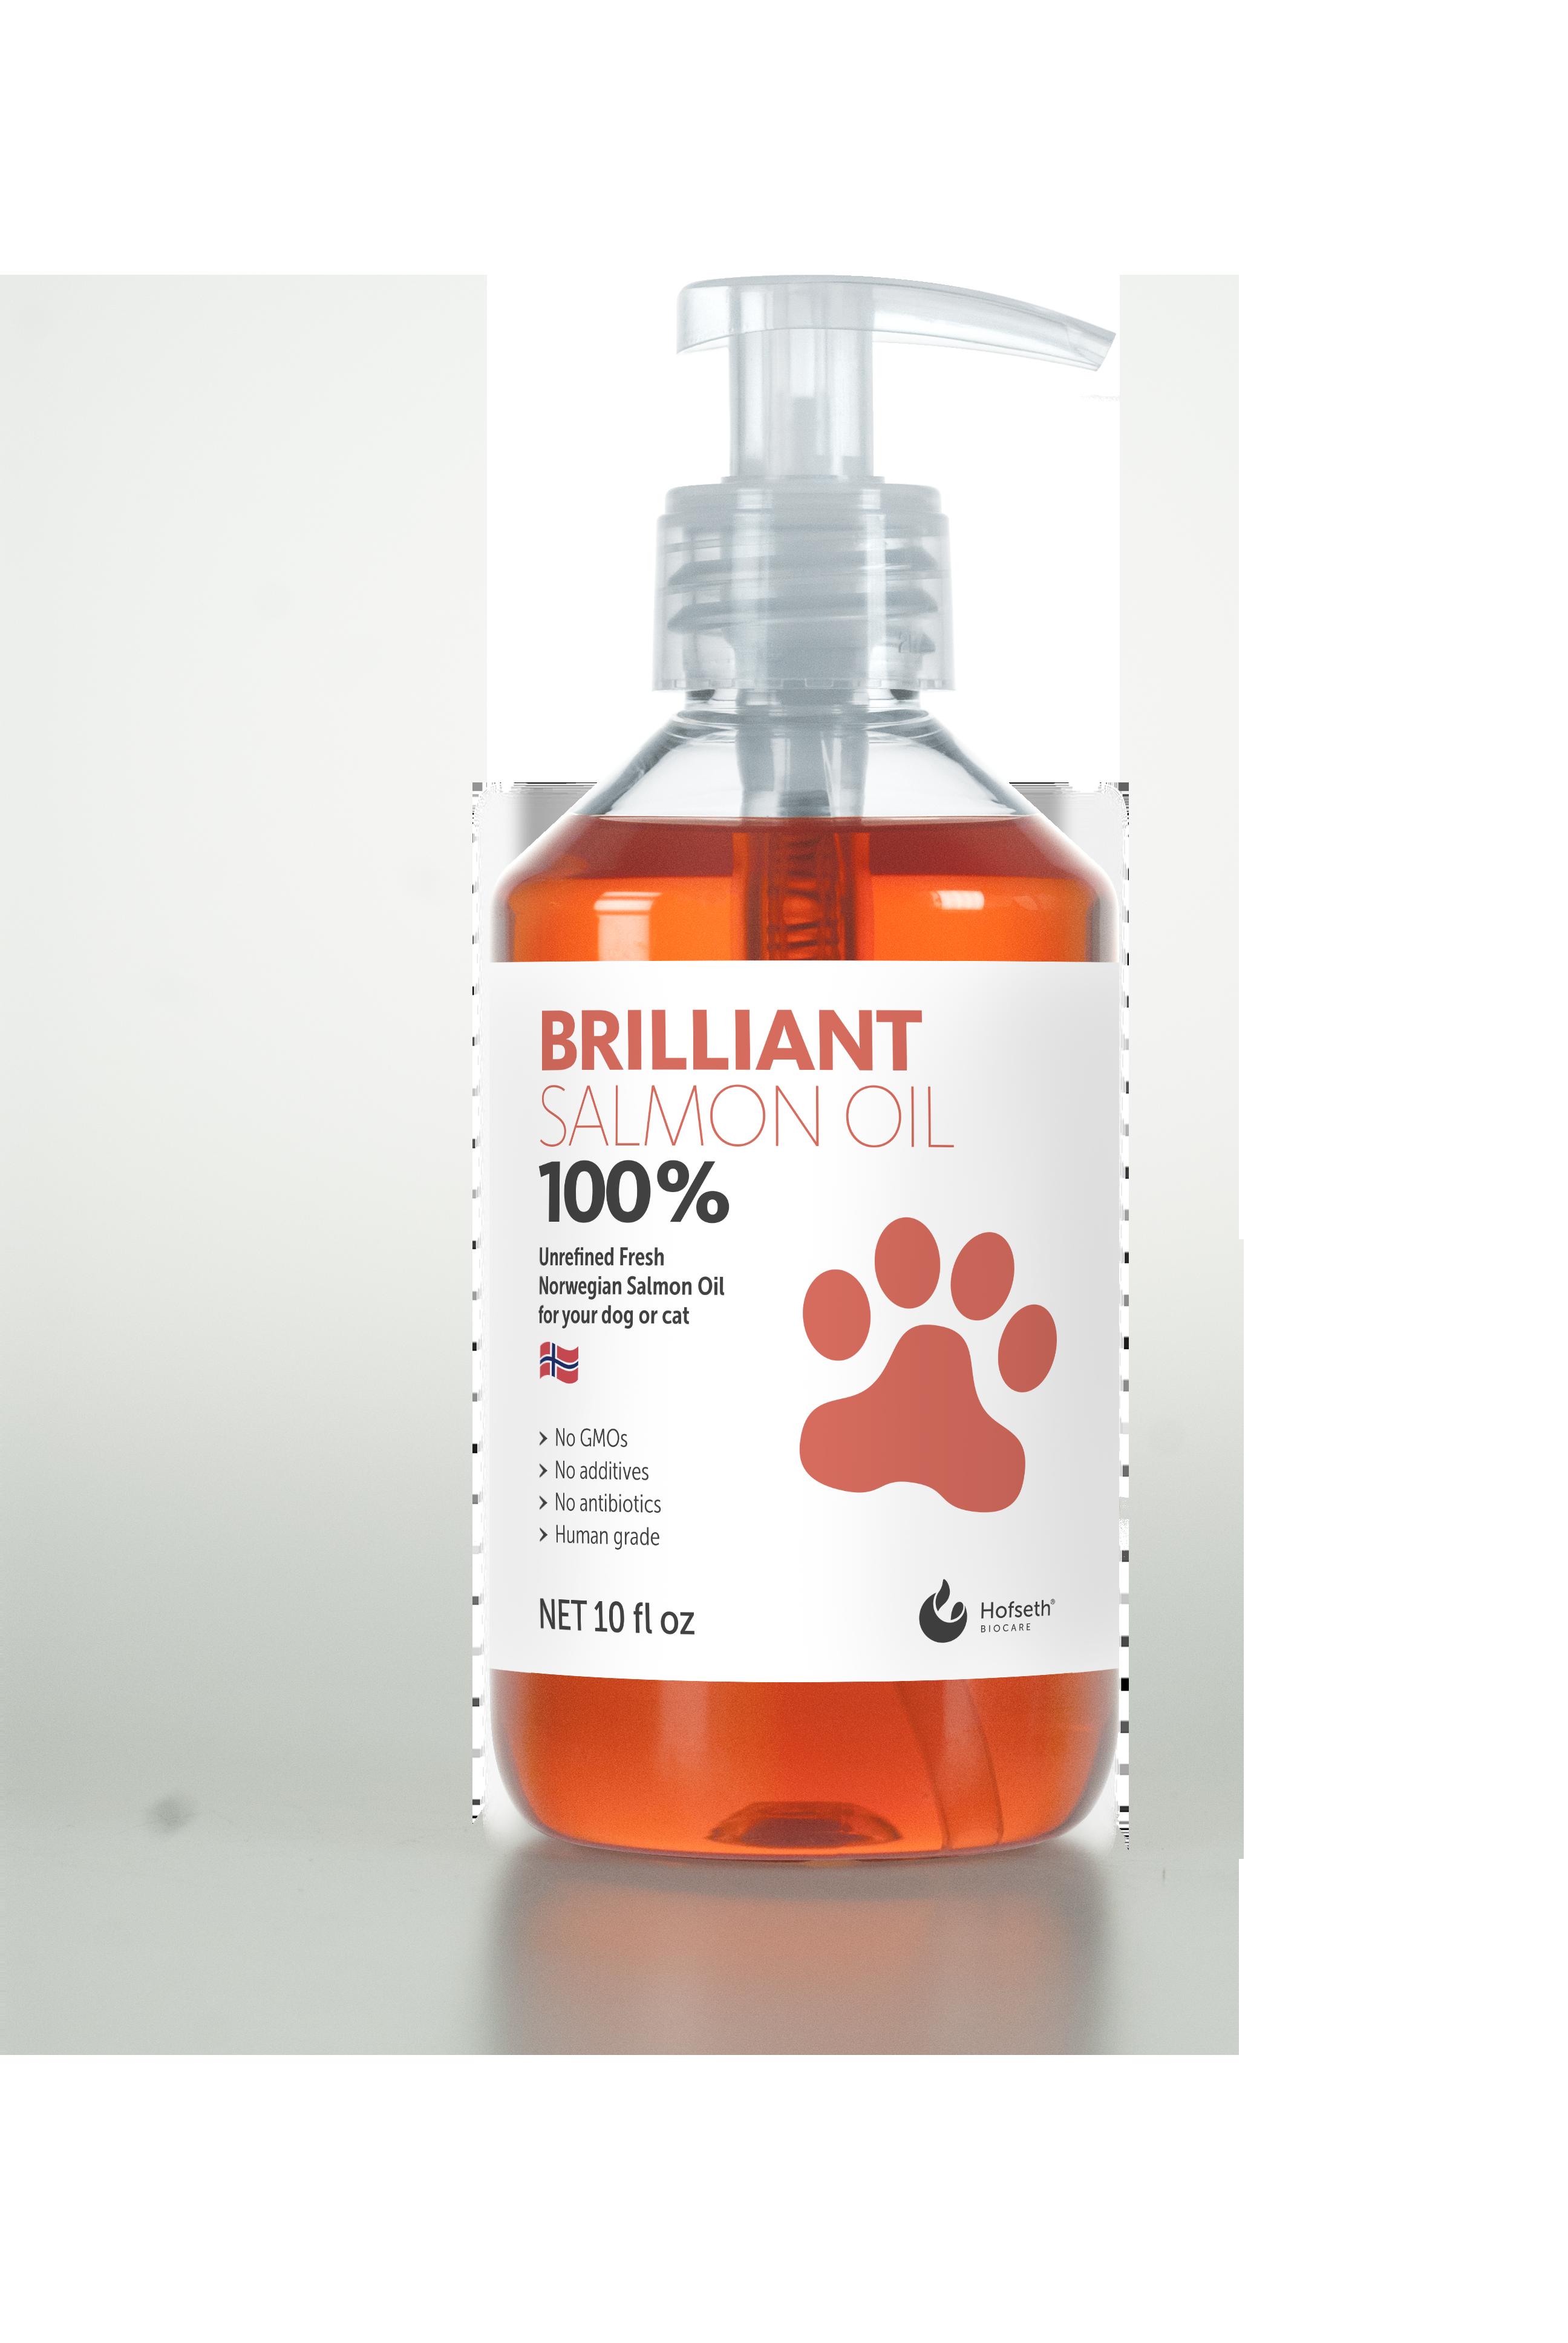 Brilliant Salmon Oil for dogs